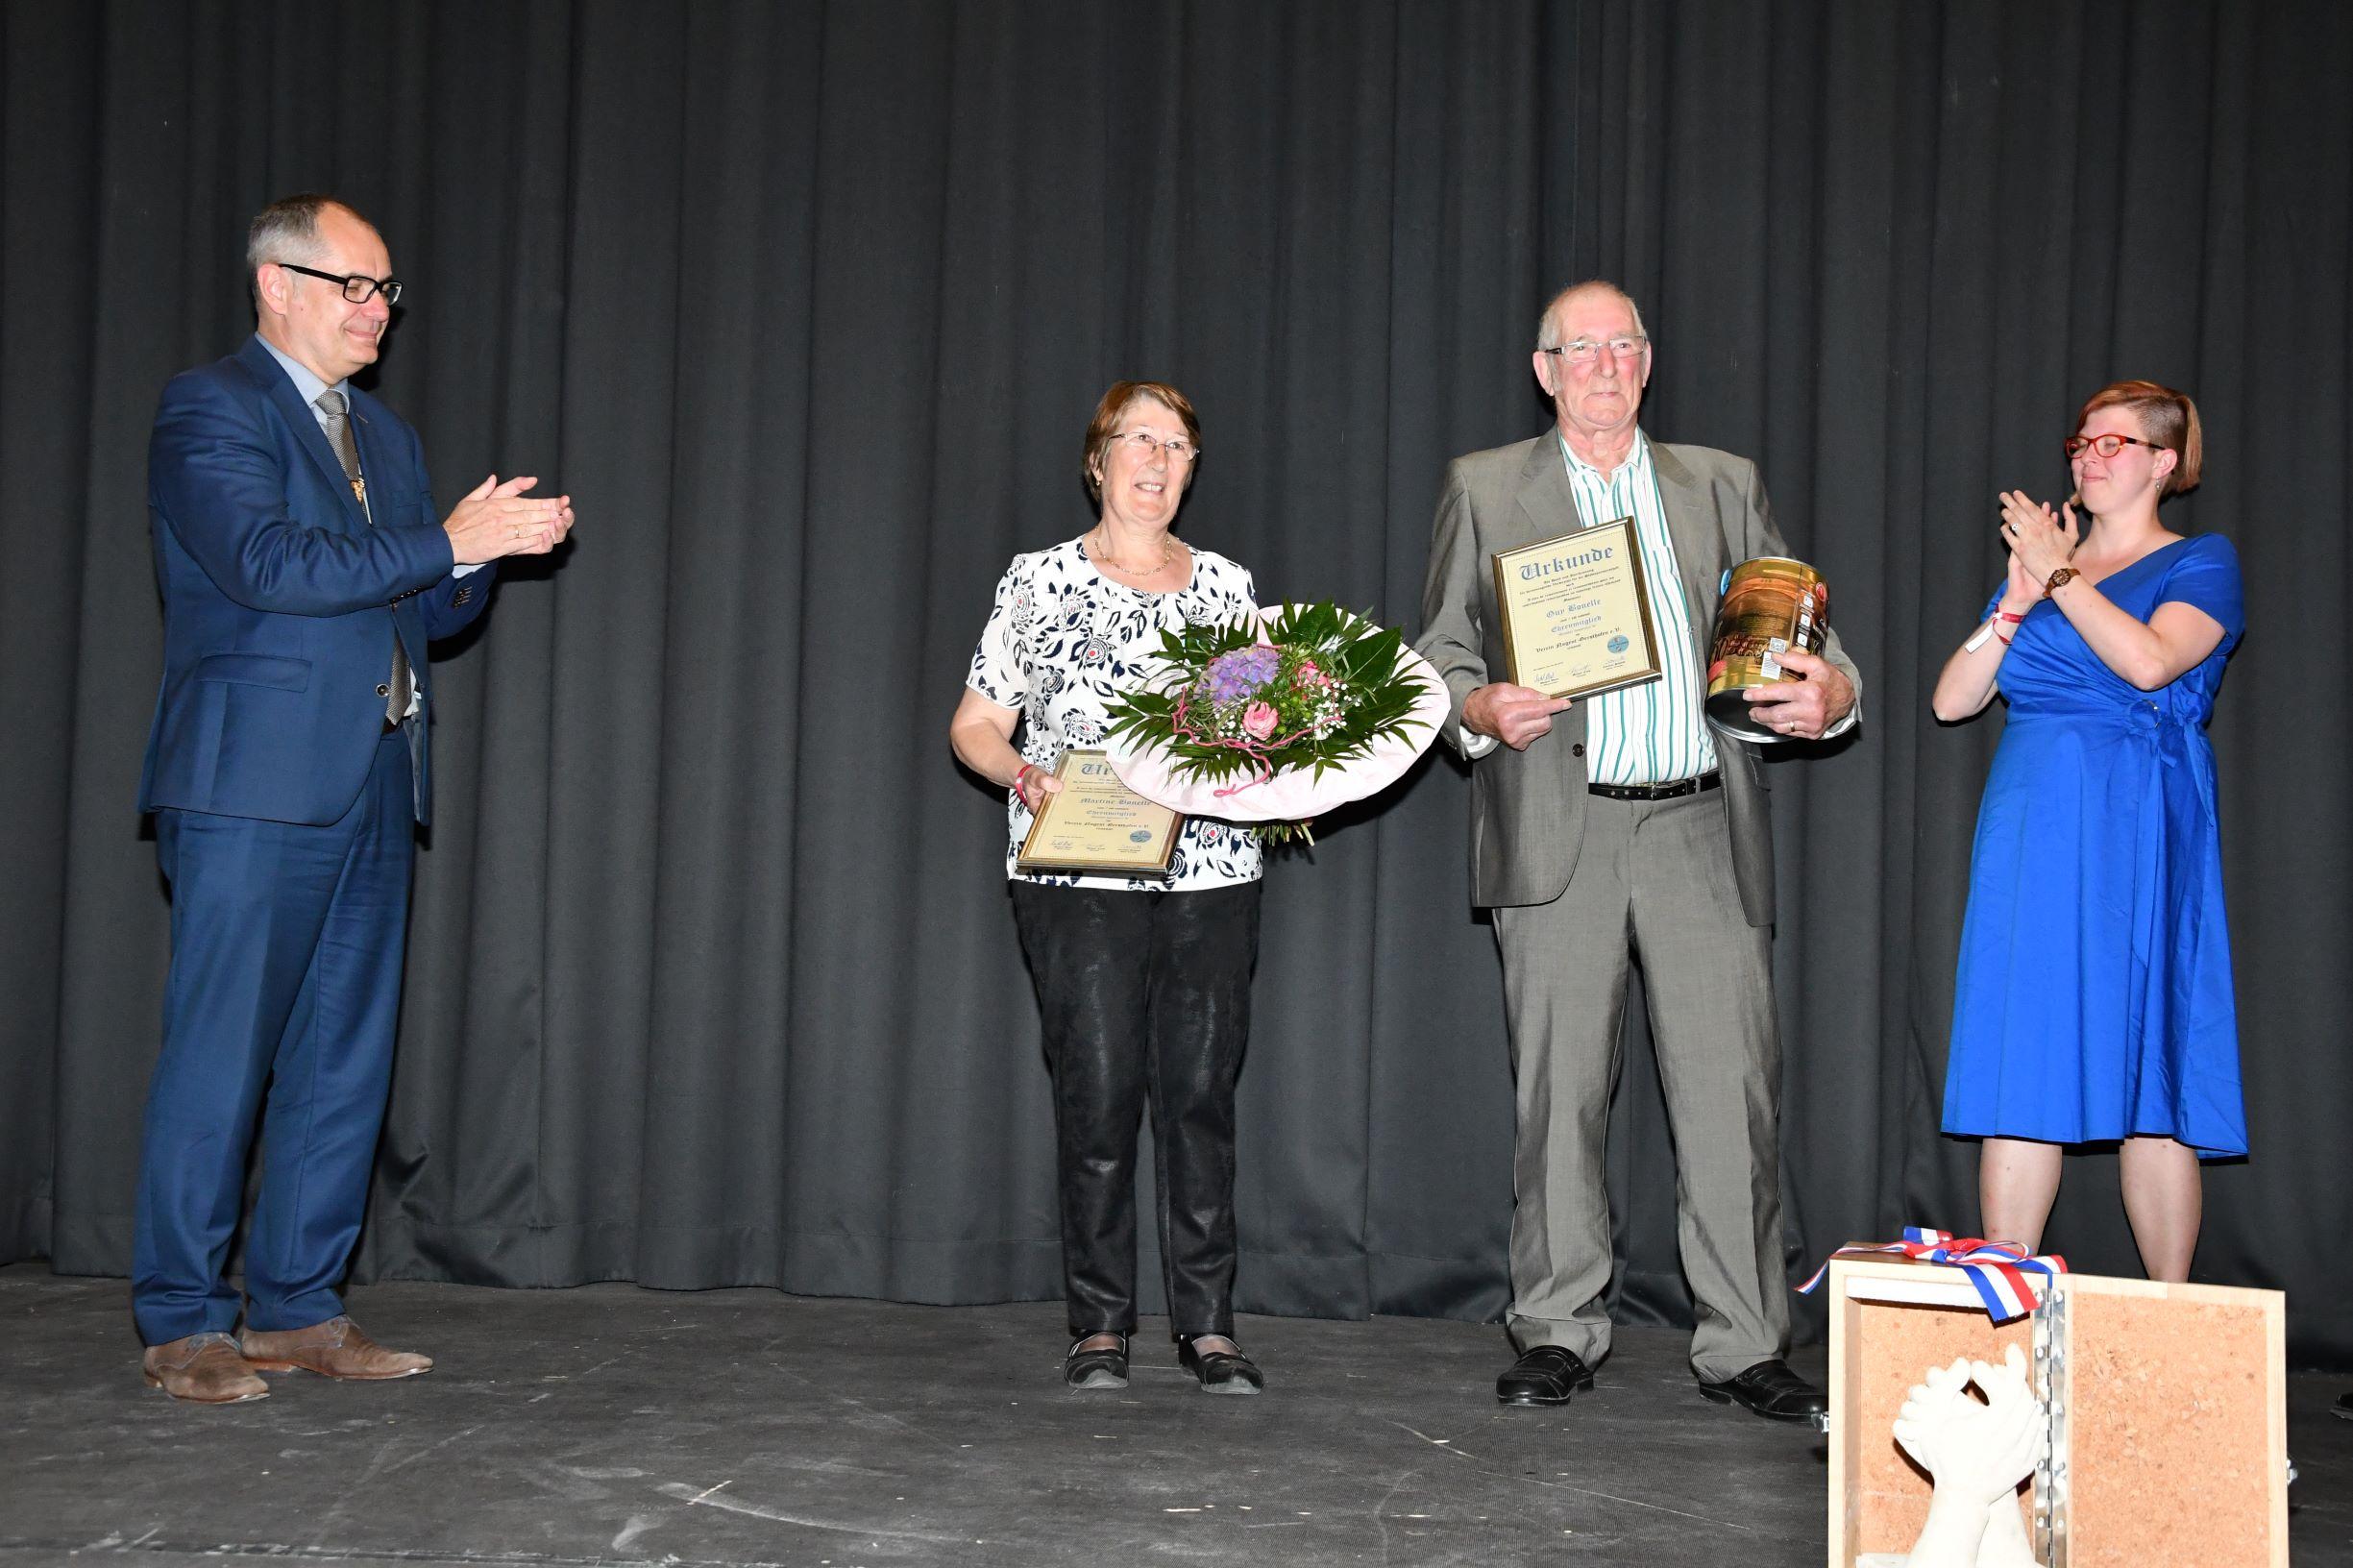 Guy und Martine Bonelle wurden für ihr ausergewöhnliches, jahrzehntelanges Engagement in der Städtepartnerschaft zu Ehrenmitgliedern des hiesigen Vereins ernannt